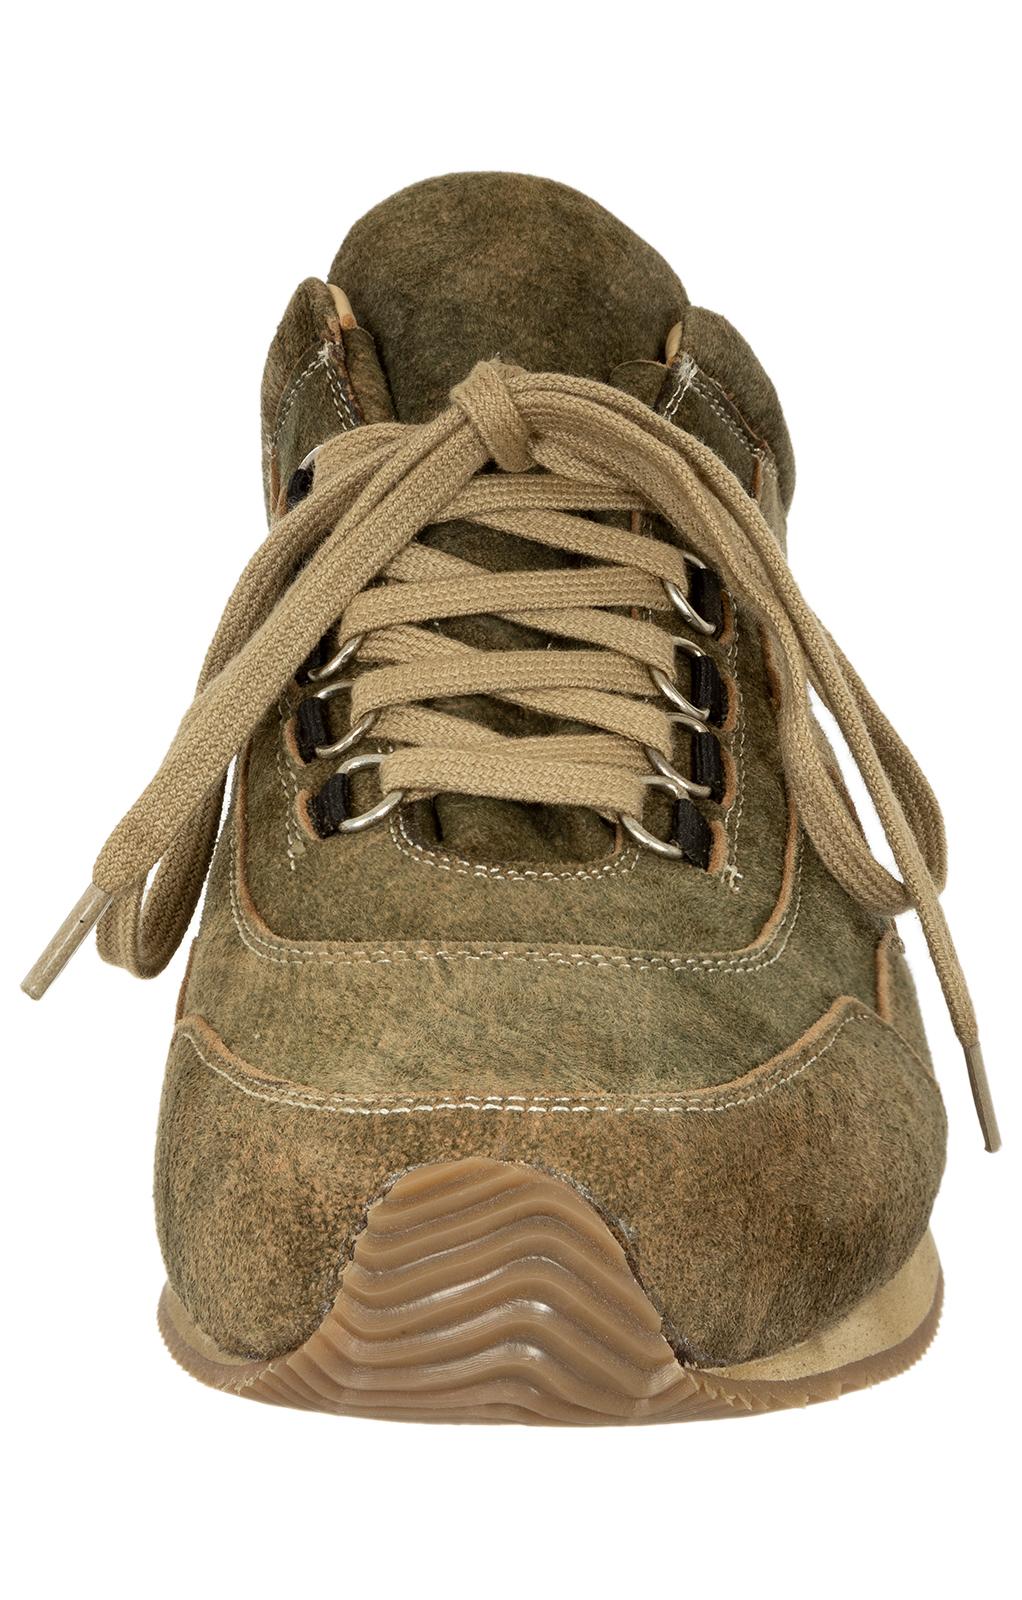 weitere Bilder von Schuh FESTUS ZV sand